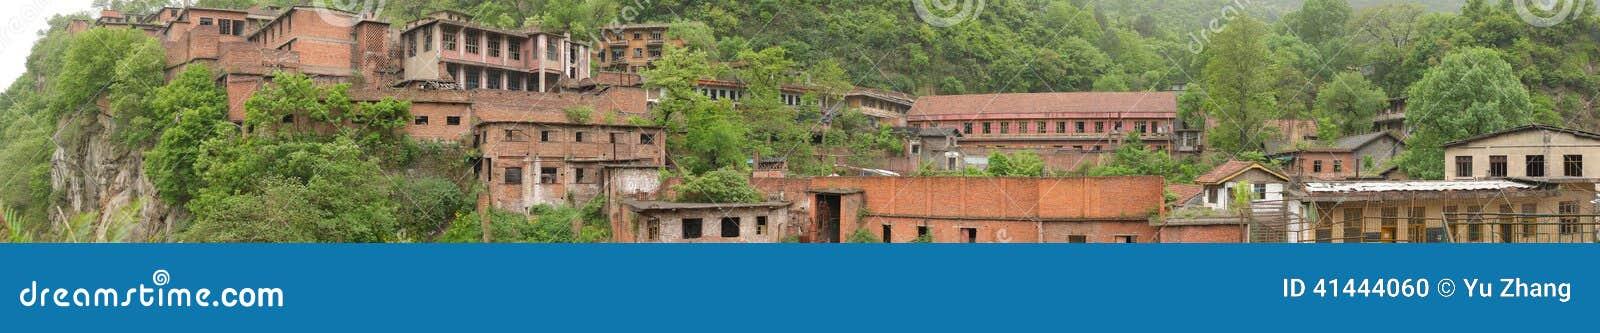 Panorama van een verlaten Chinese gevangenis in de berg